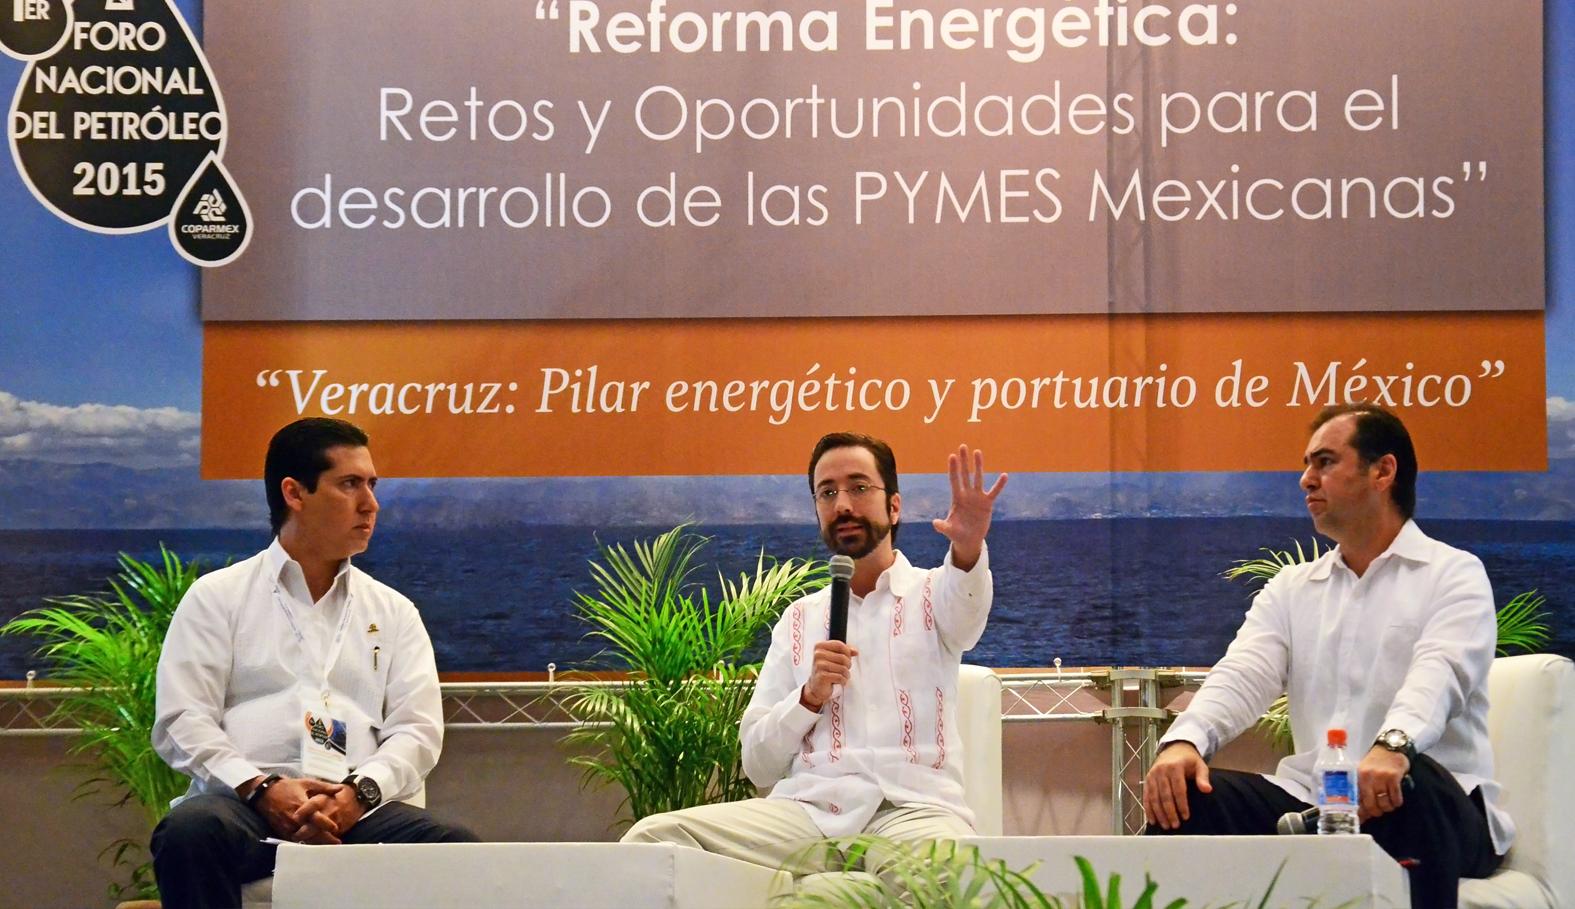 Con la Reforma Energética, Veracruz se consolidará como la capital energética de México: Sedecop